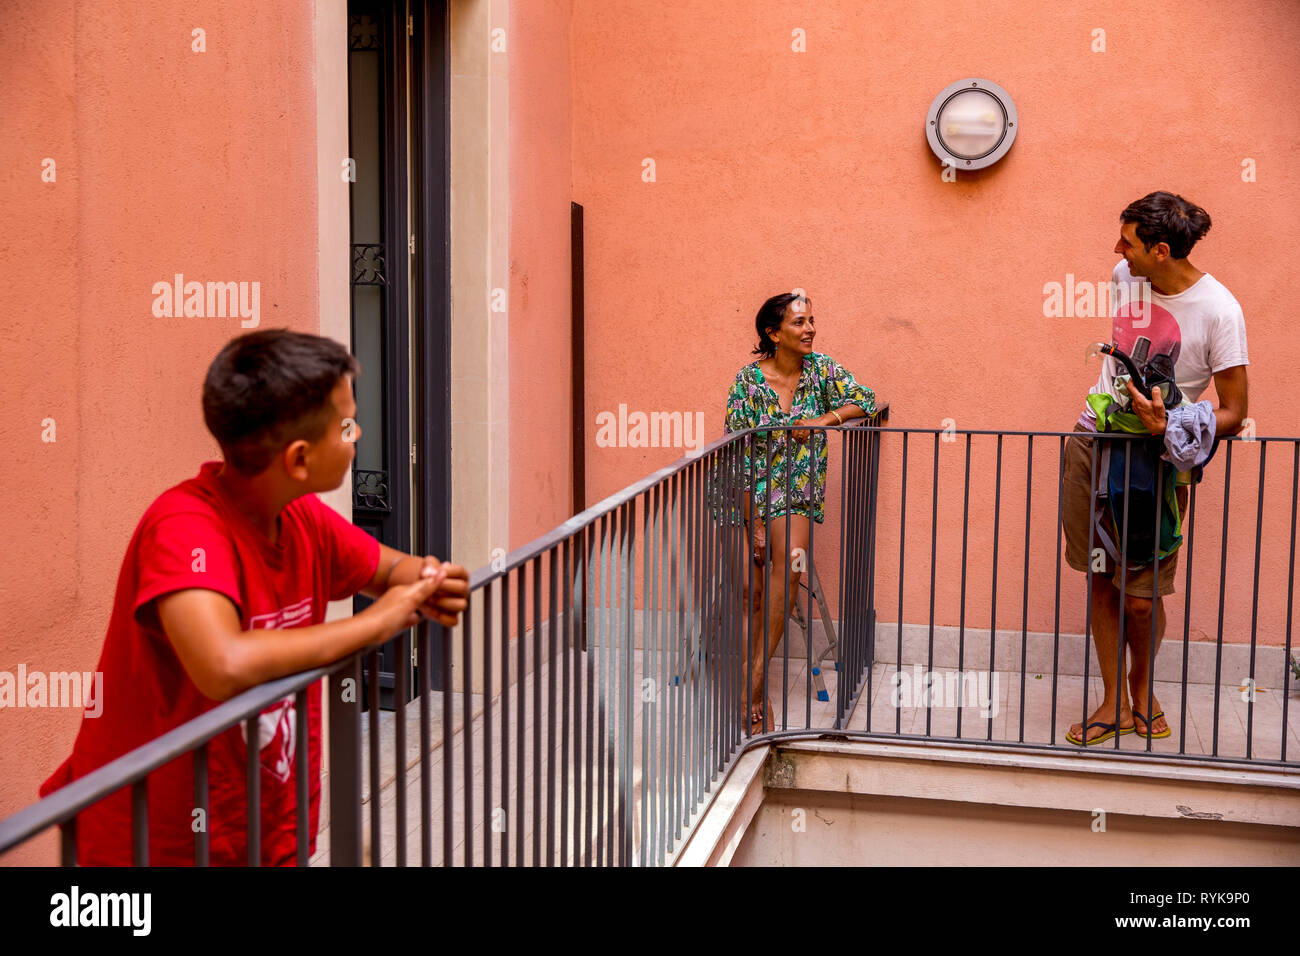 Kind und Erwachsene auf einem Balkon in Catania, Sizilien (Italien). Stockbild